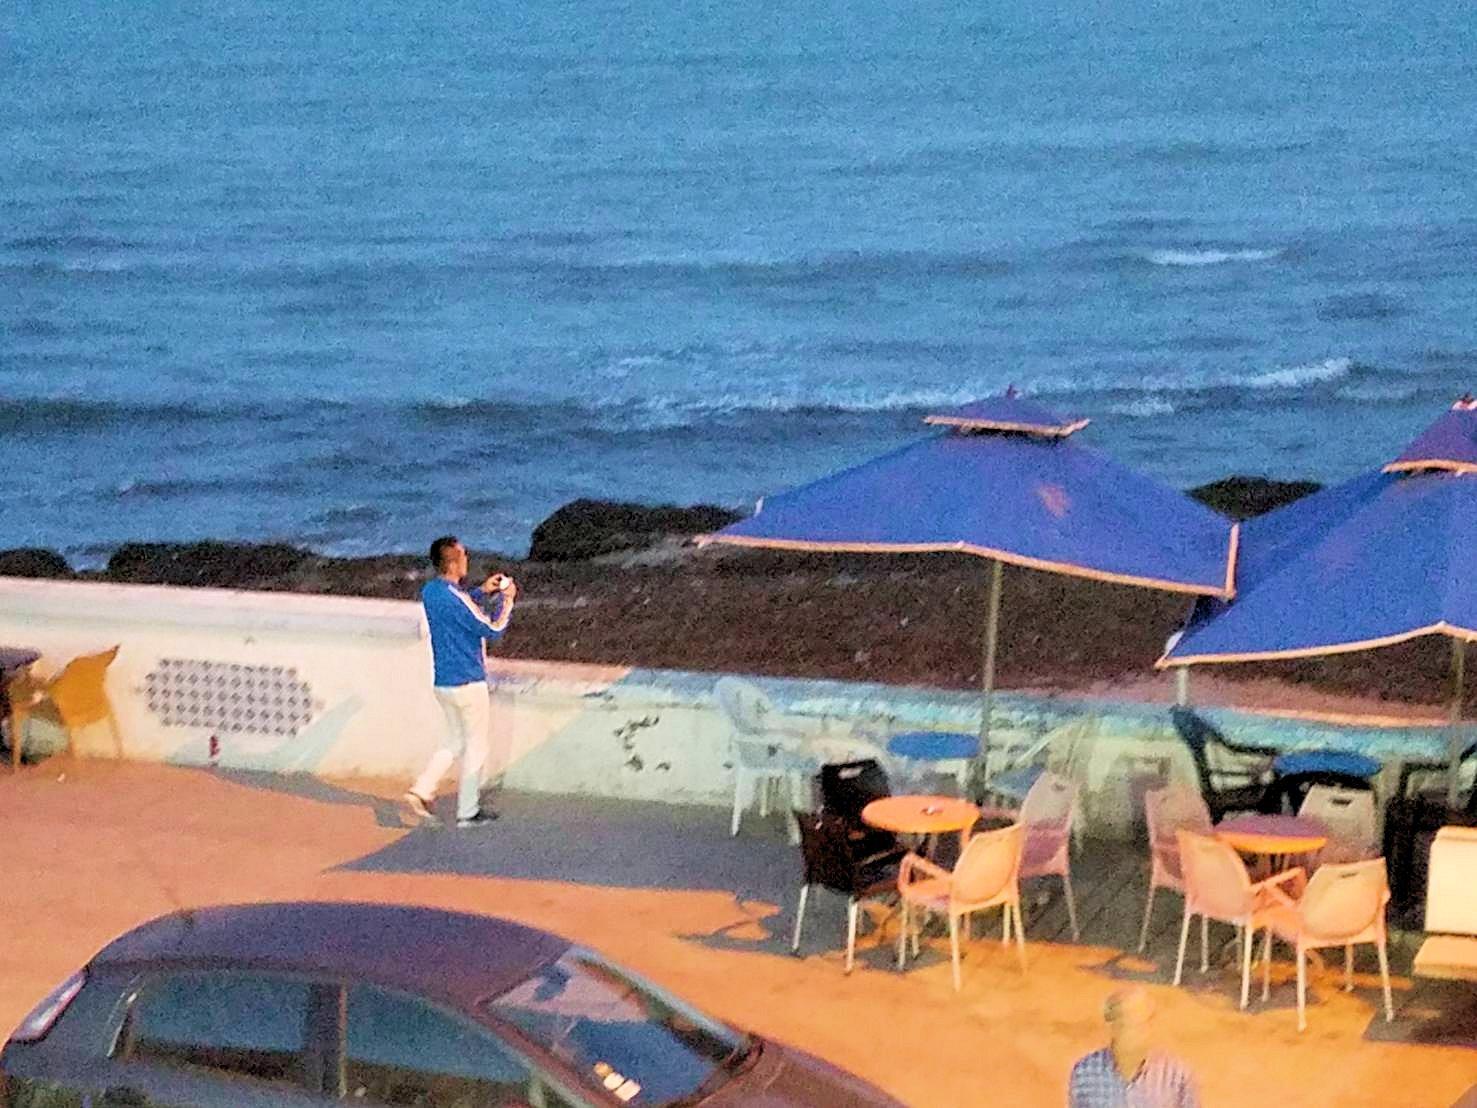 チュニジア:ラ・グレットにあるレストラン付近の景色5